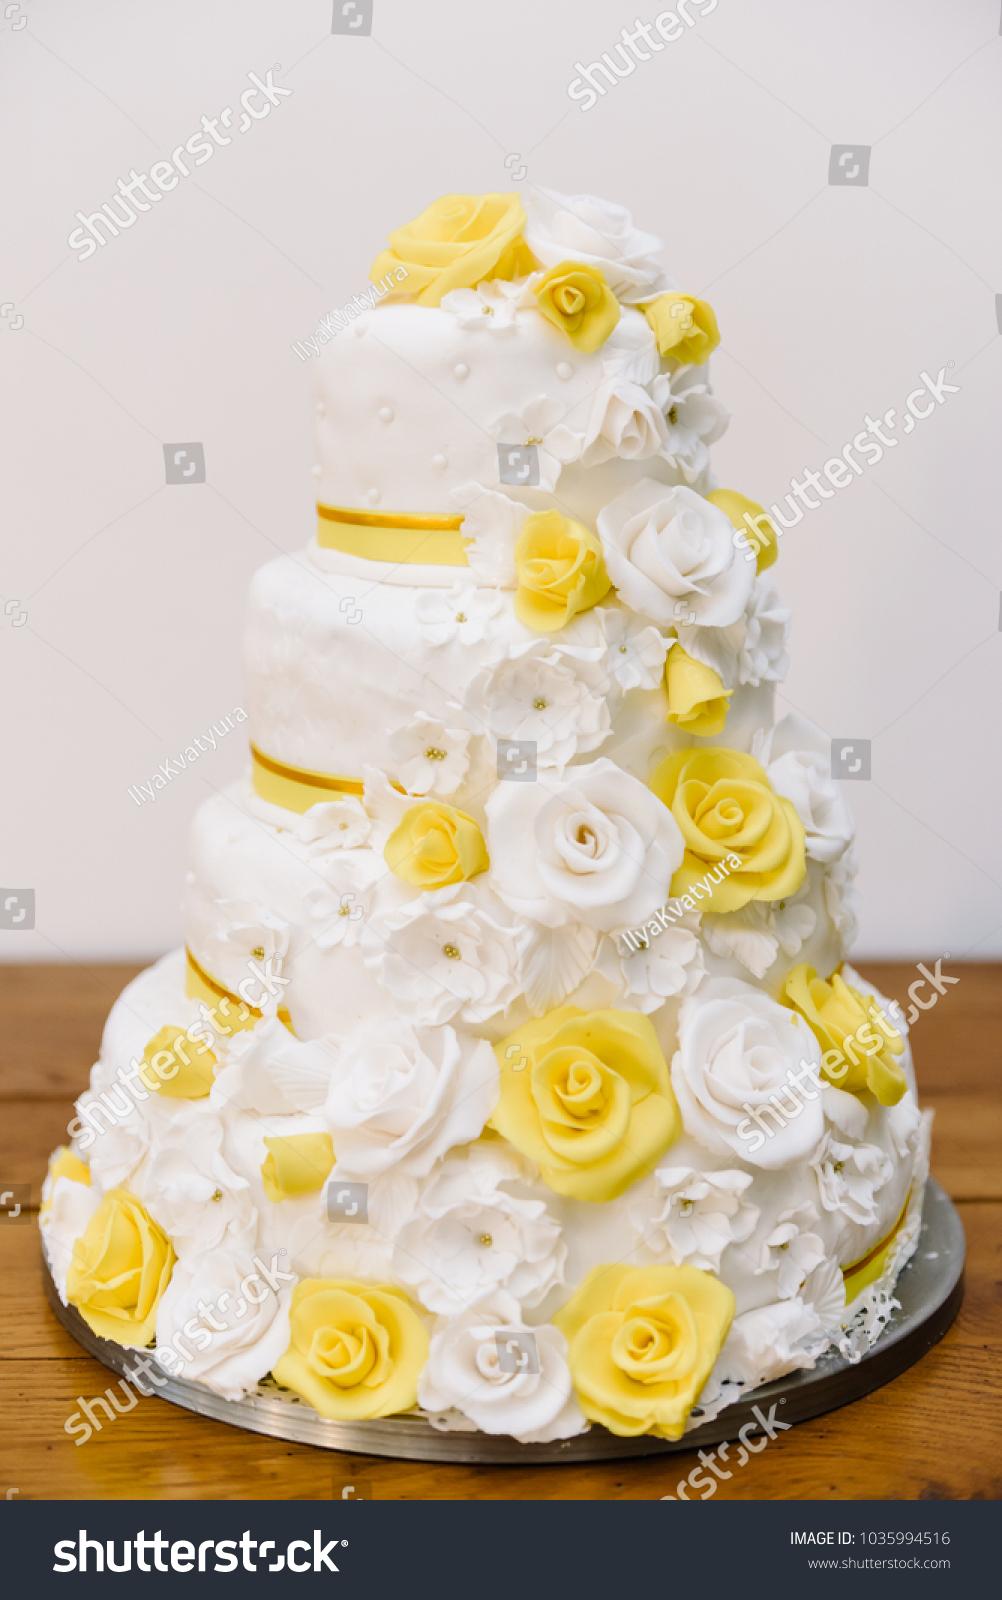 Wedding Cake Large Size Yellow Roses Stock Photo (Edit Now ...